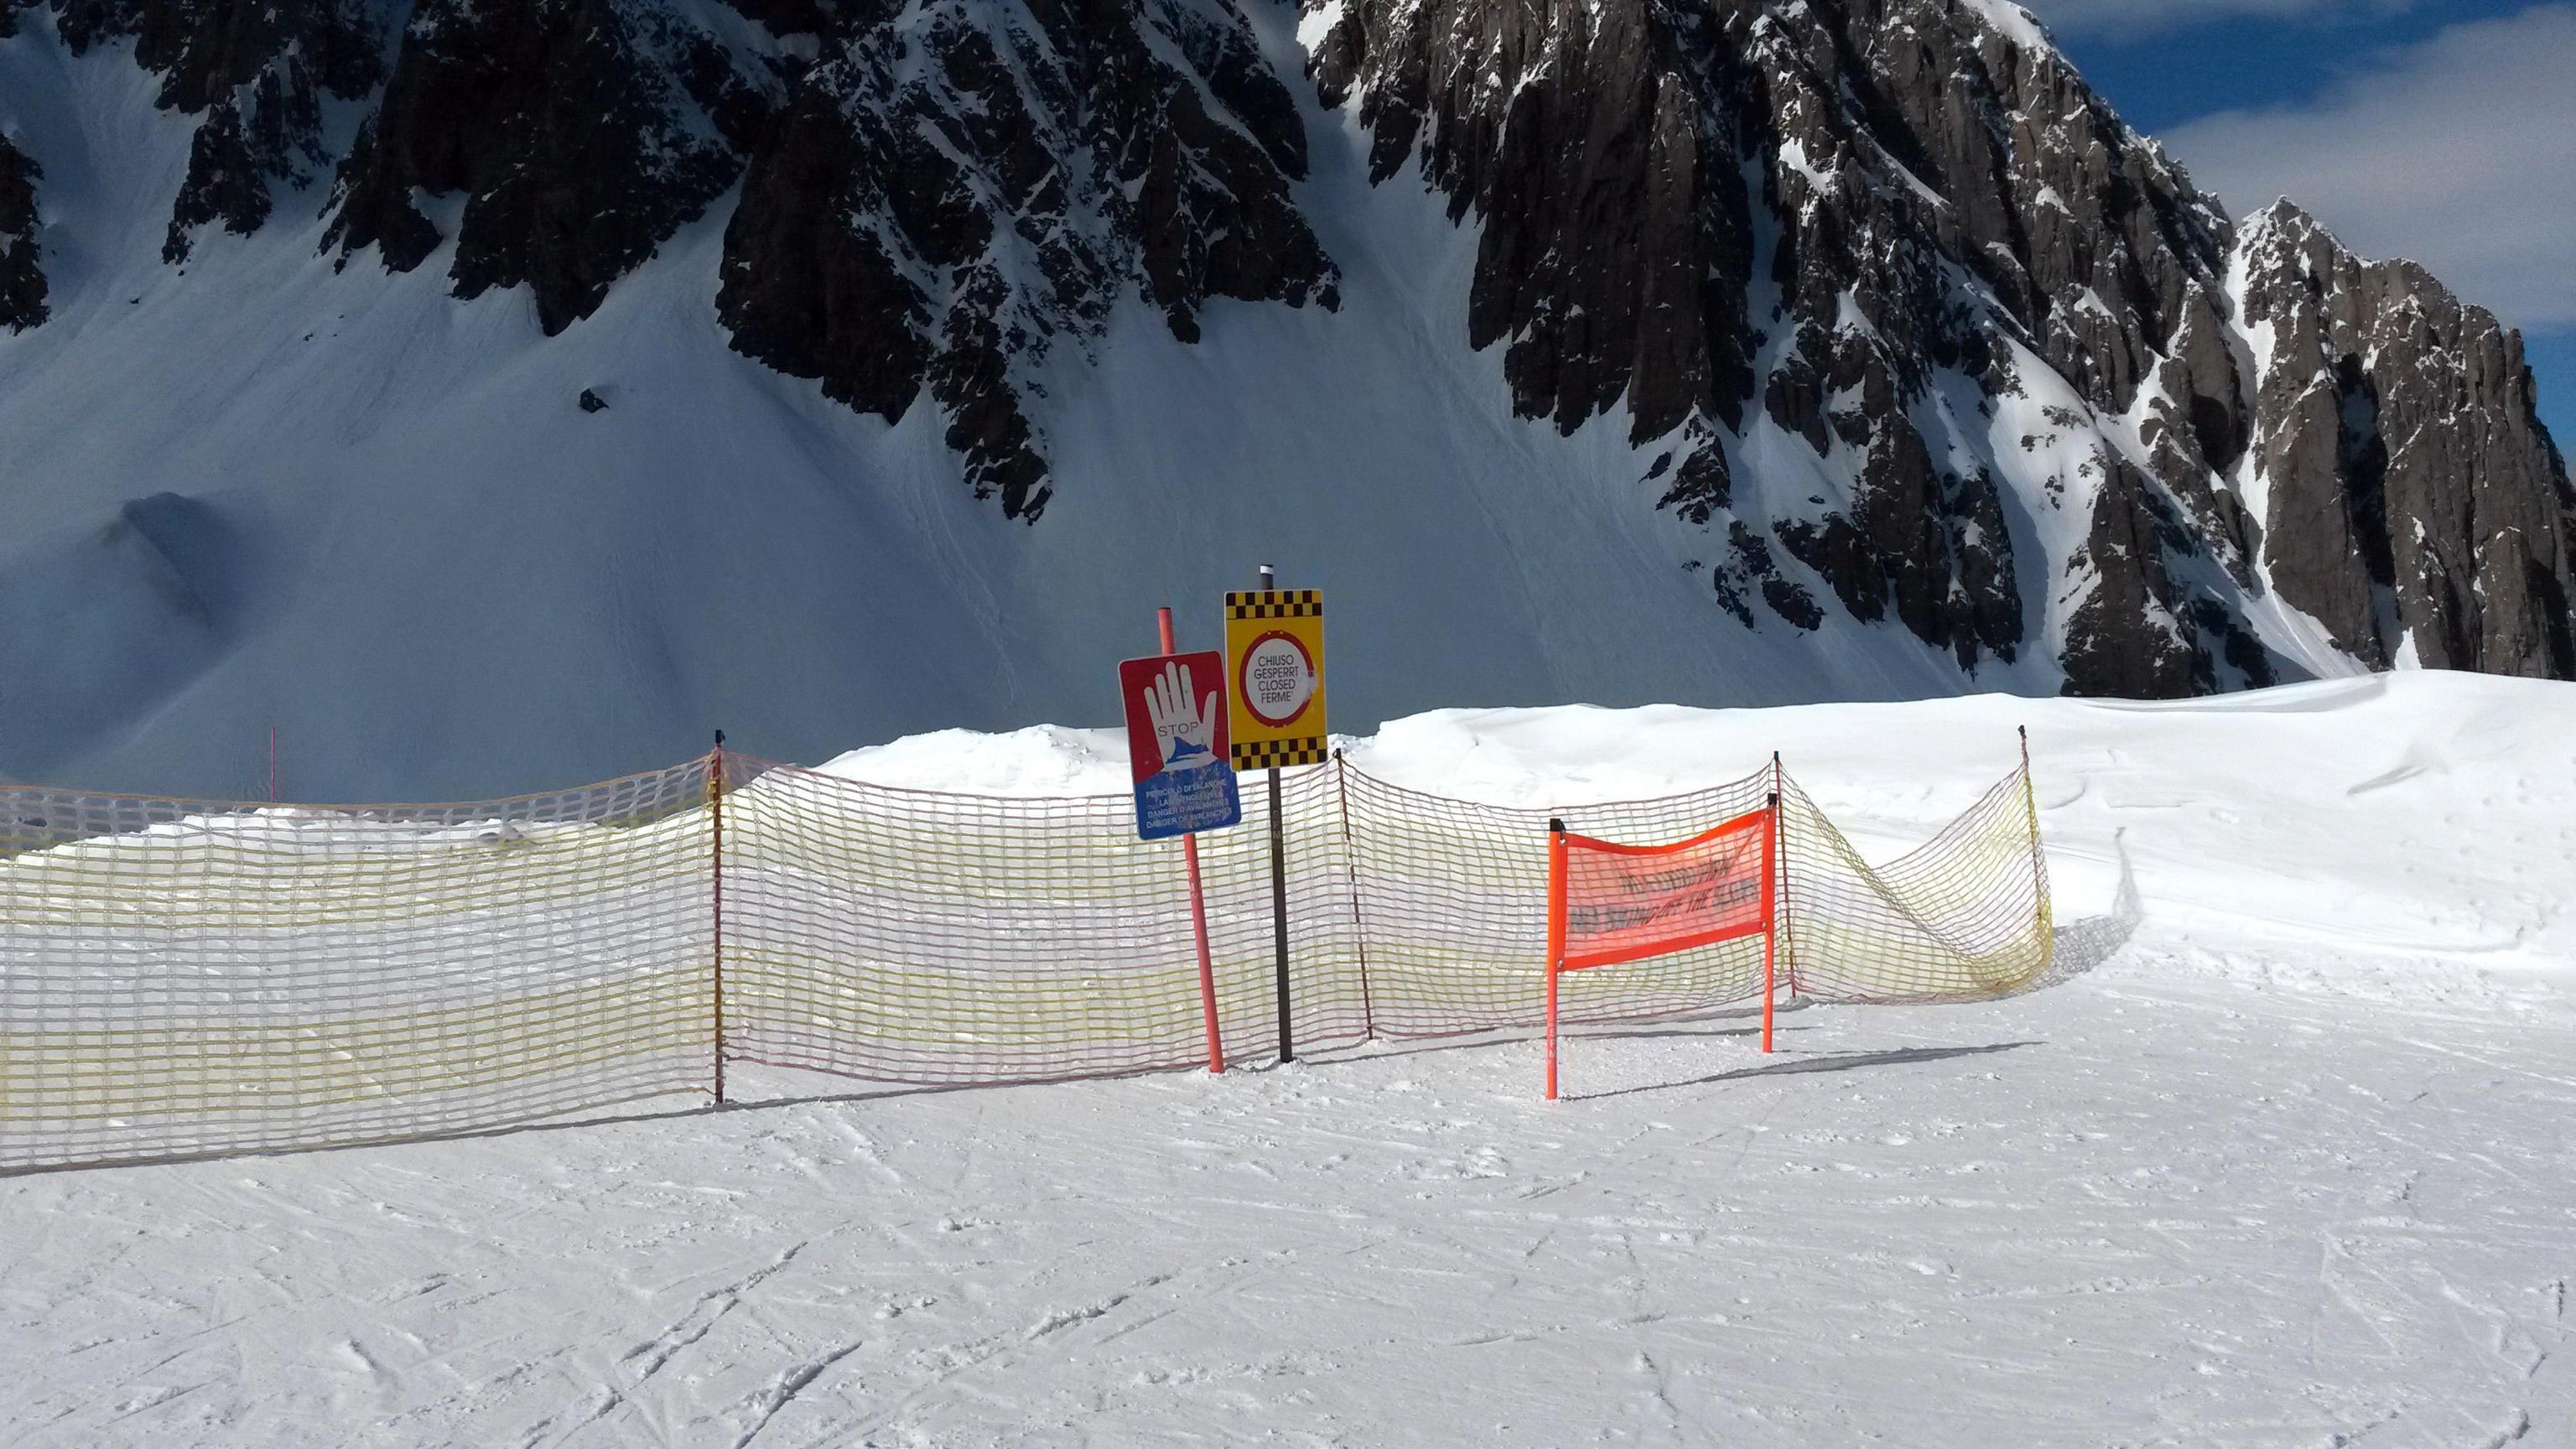 Maltempo: neve in Trentino, cresce il pericolo di valanghe